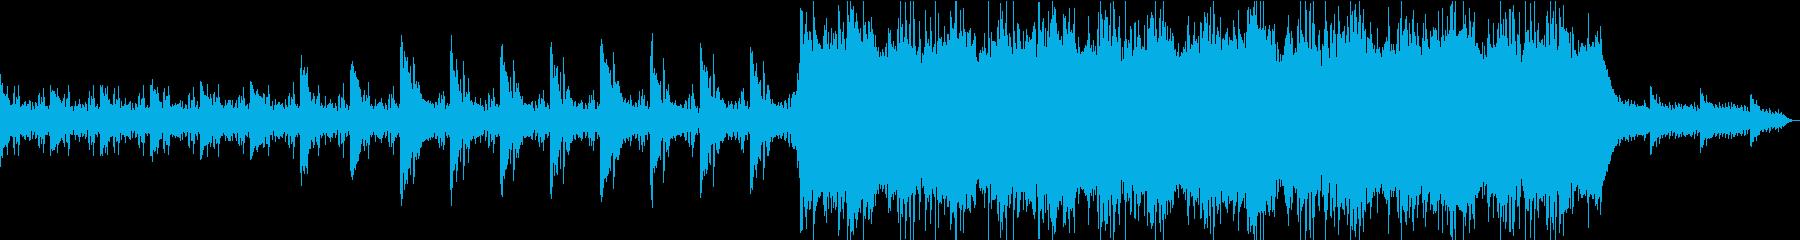 電子世界をイメージしたBGMの再生済みの波形